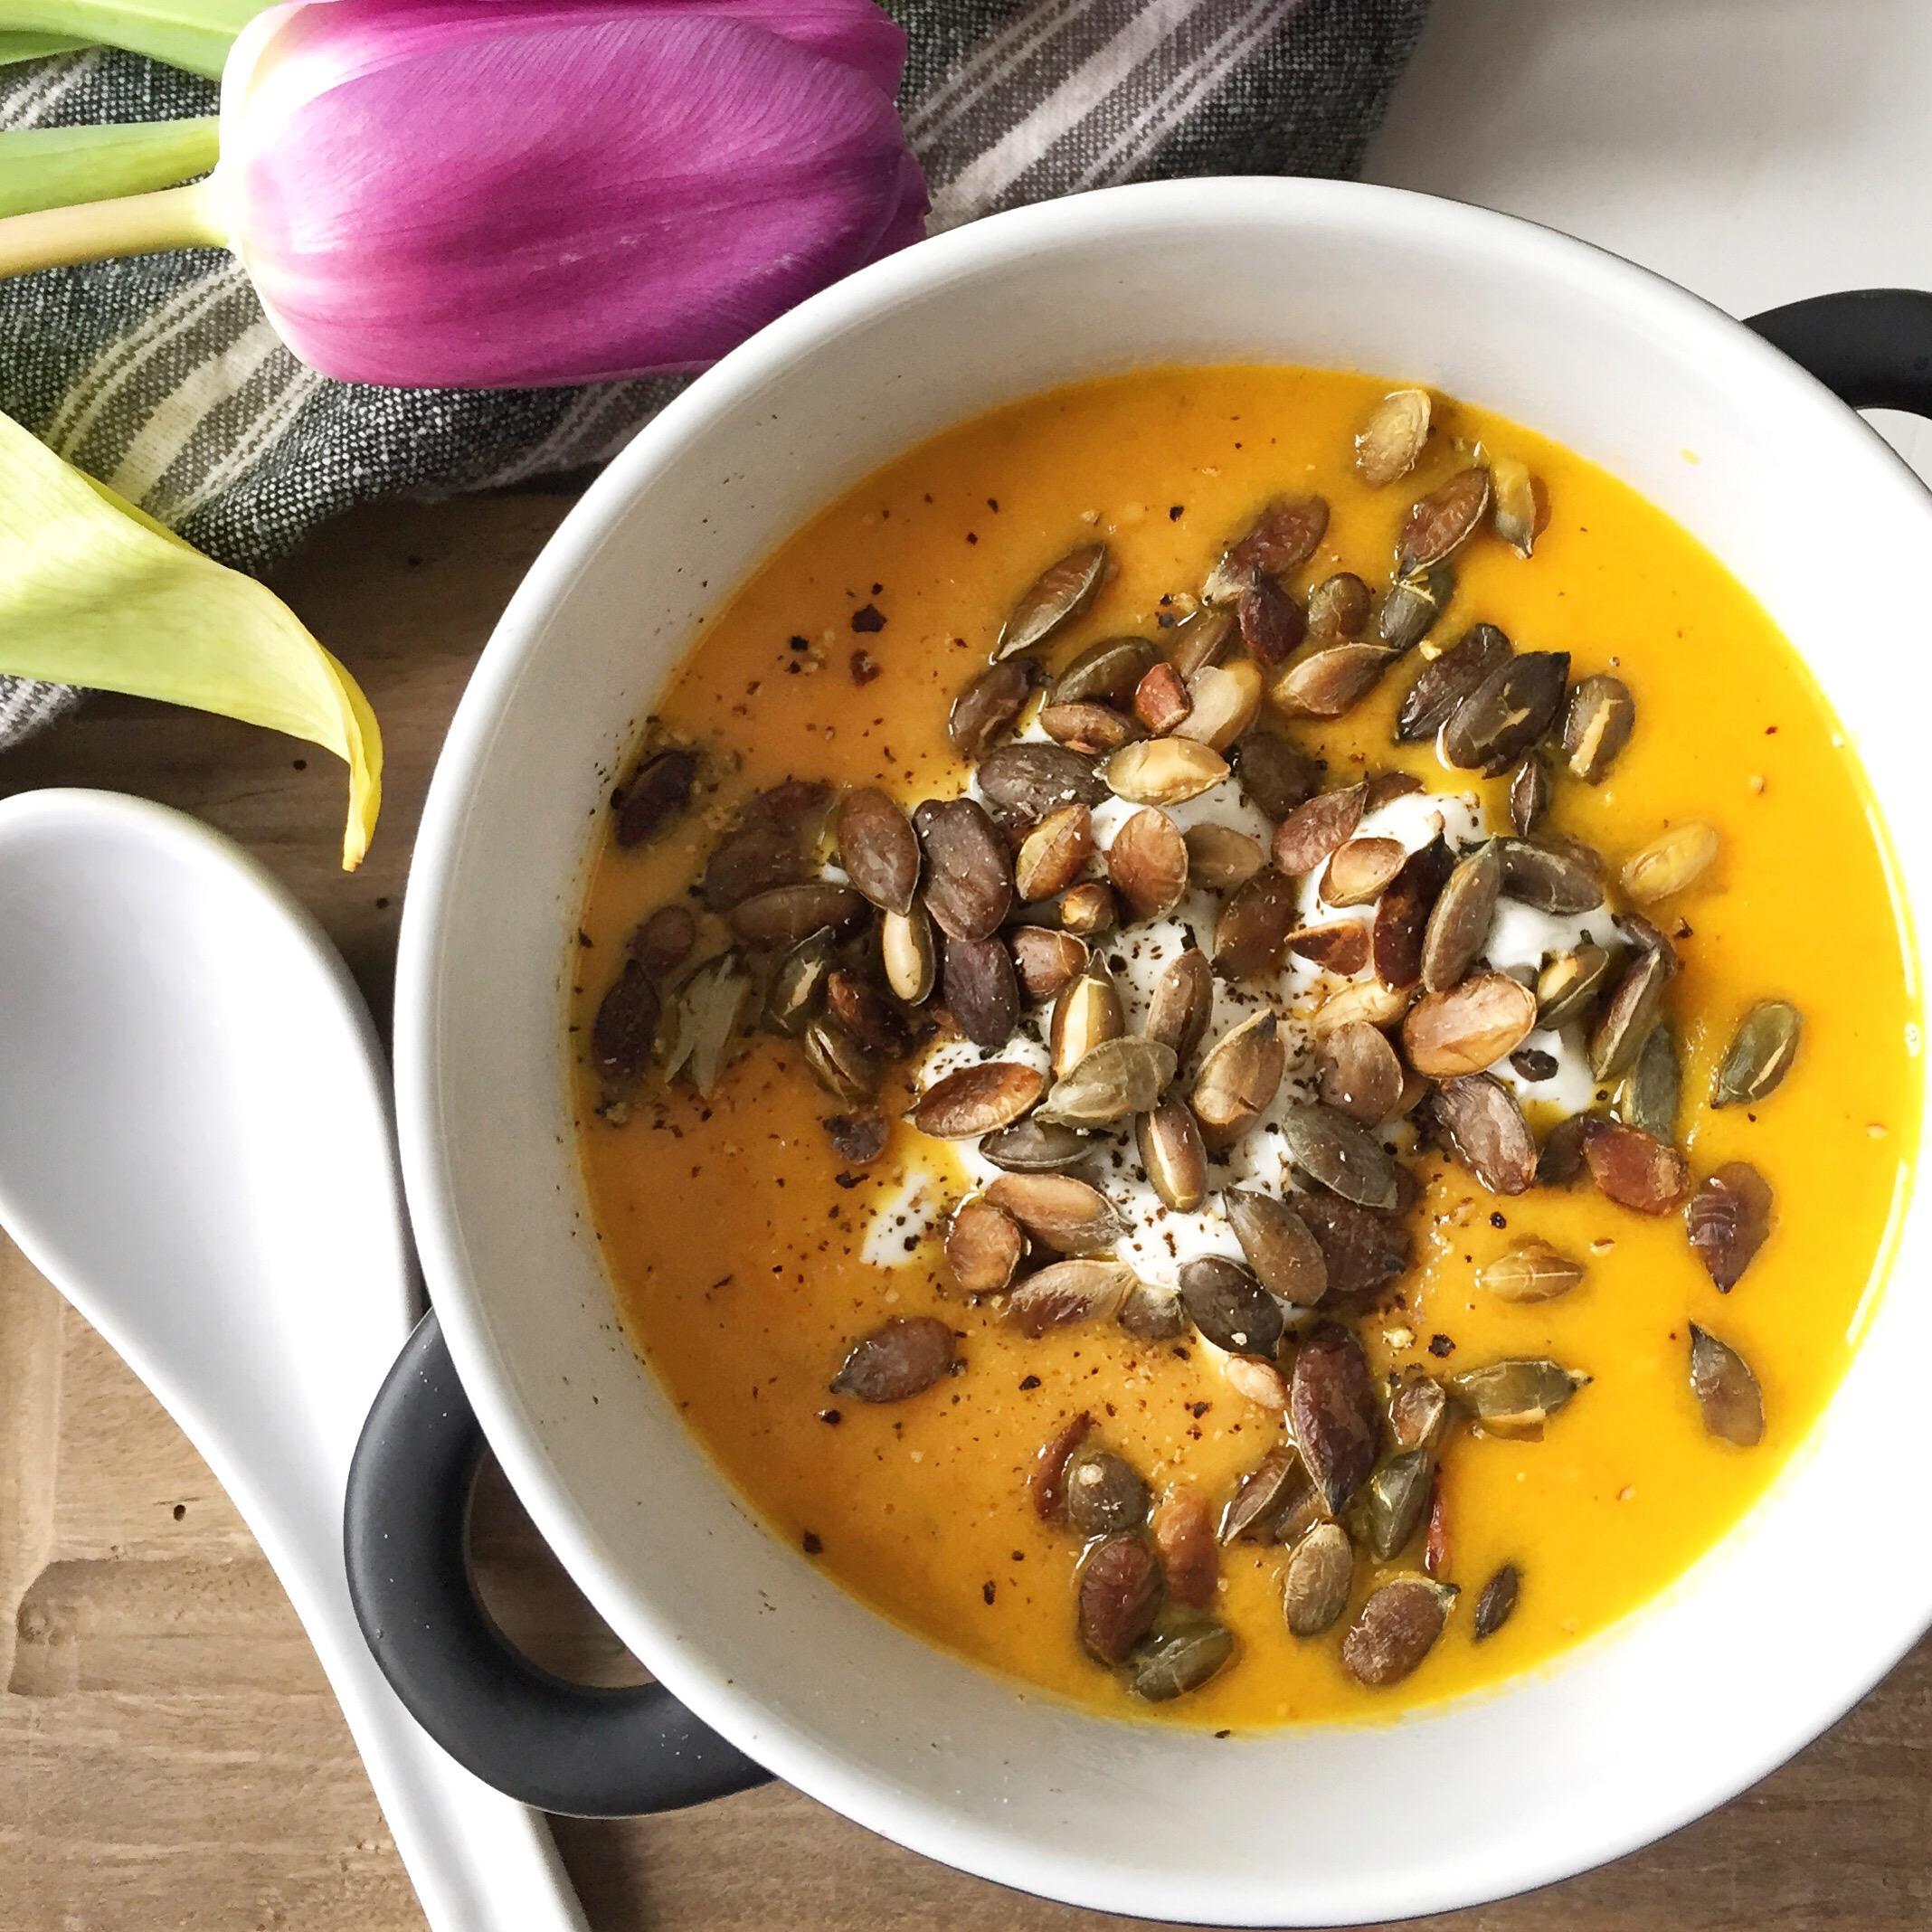 Sund gulerodssuppe hjemmelavet opskrift med ingefær og kokosmælk